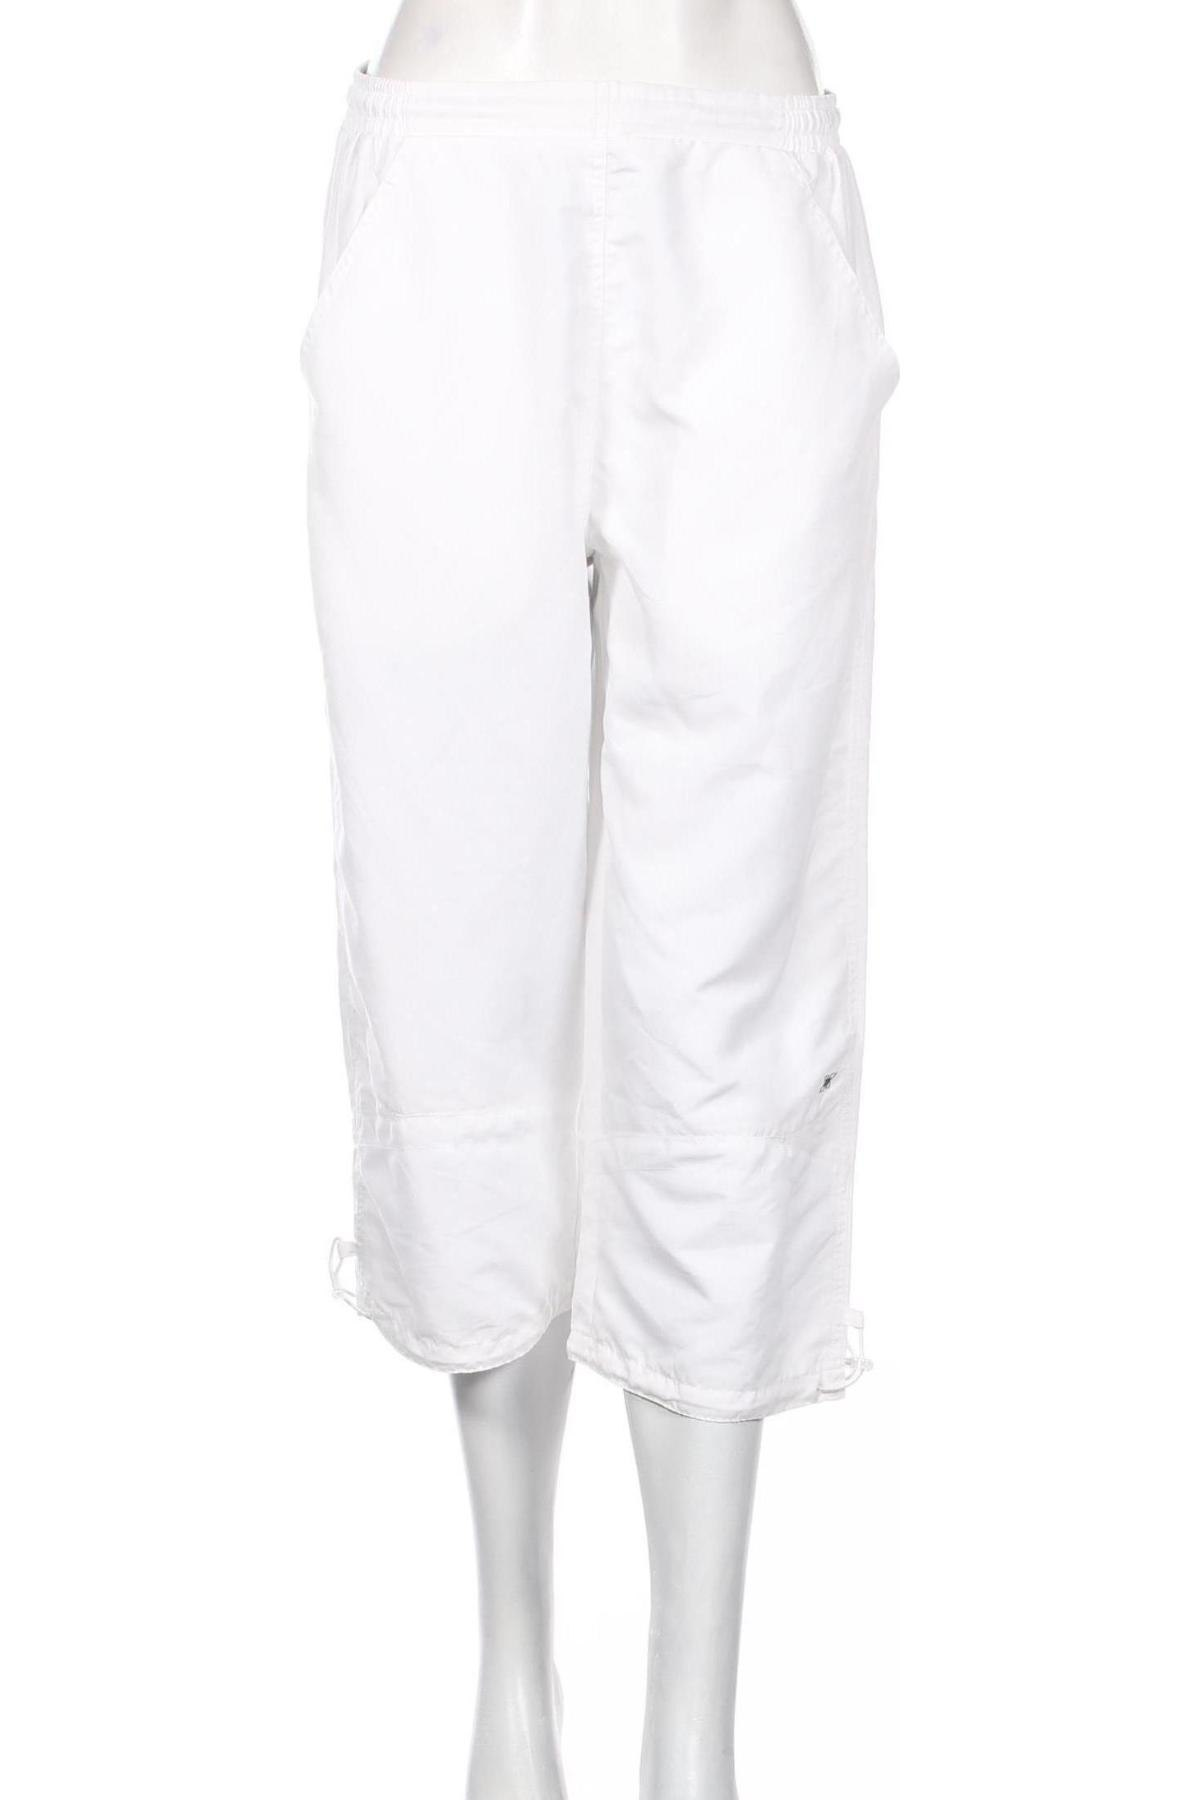 Дамско спортно долнище Masita, Размер L, Цвят Бял, Полиестер, Цена 3,08лв.